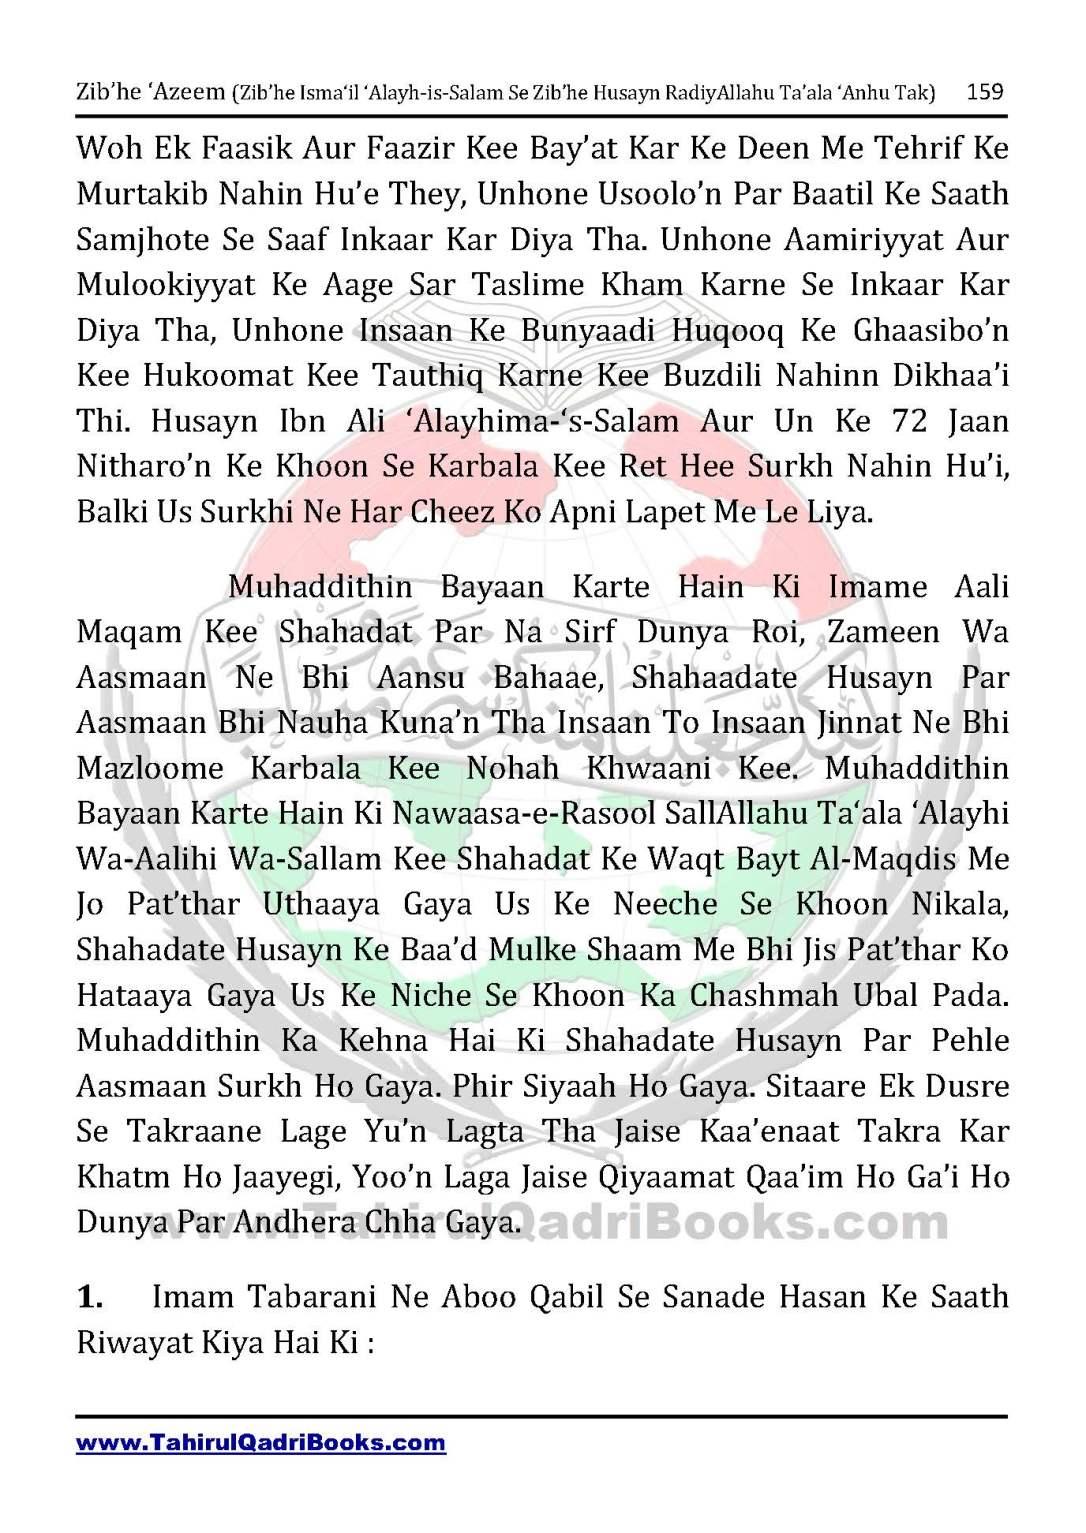 zib_he-e28098azeem-zib_he-ismacabbil-se-zib_he-husayn-tak-in-roman-urdu-unlocked_Page_159